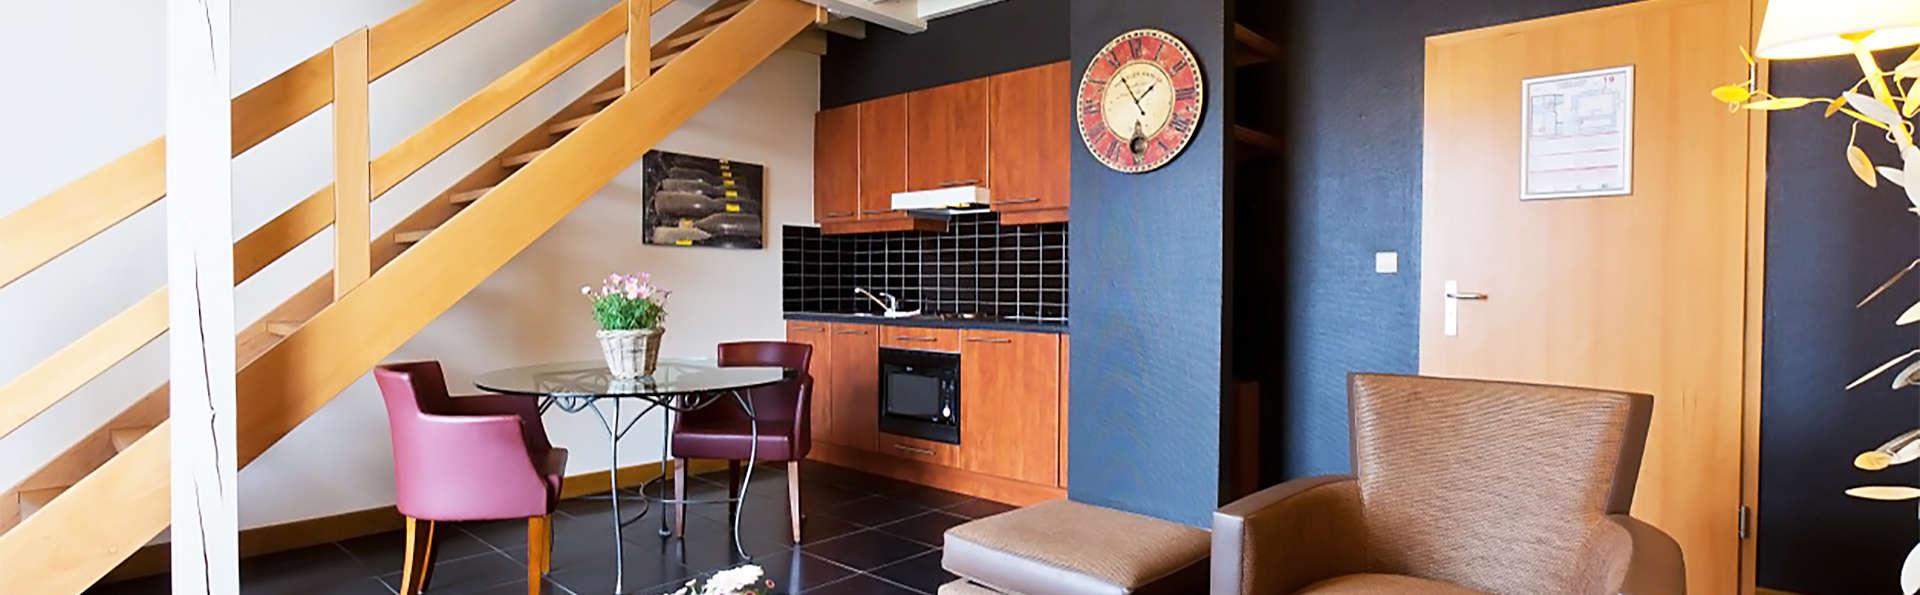 Week-end dans une suite deluxe dans une ancienne brasserie entre Nivelles et Soignies